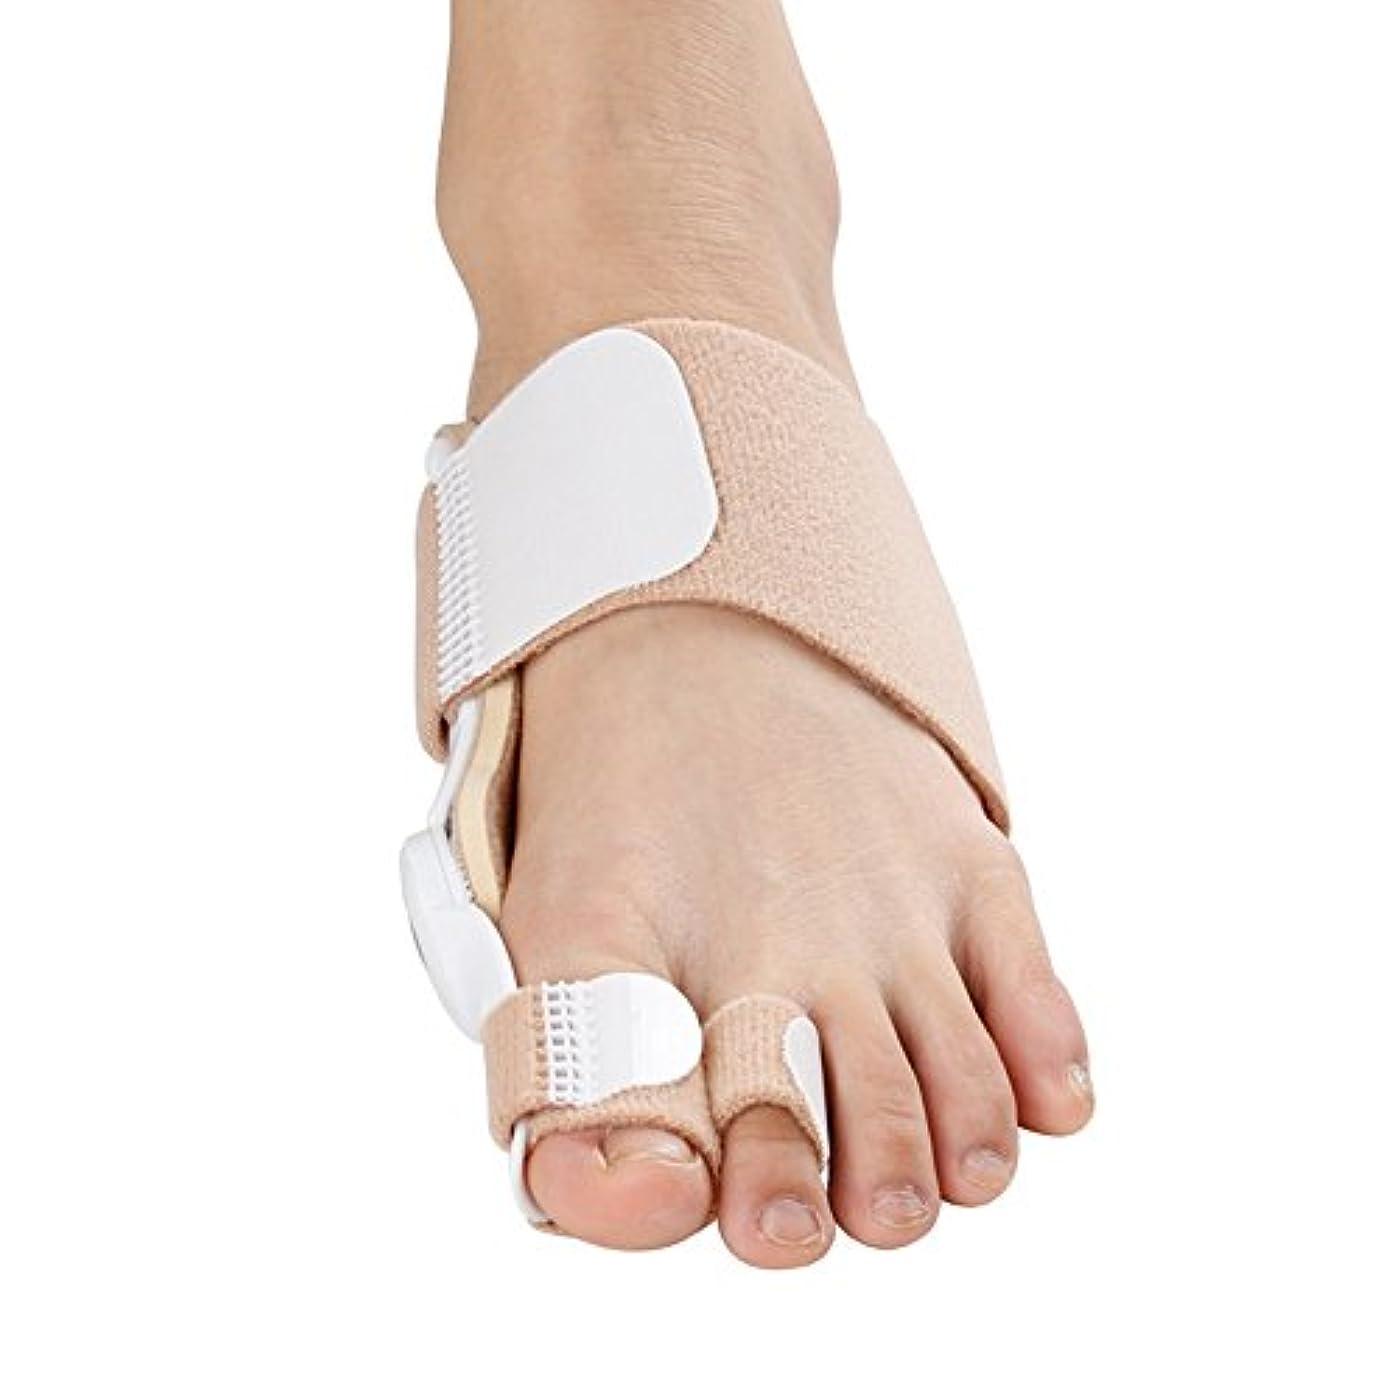 大腿ハンマー曲がった1組のつま先の分離帯の坐骨矯正装置最新の強化された外反母趾矯正整形つま先痛み足のケア